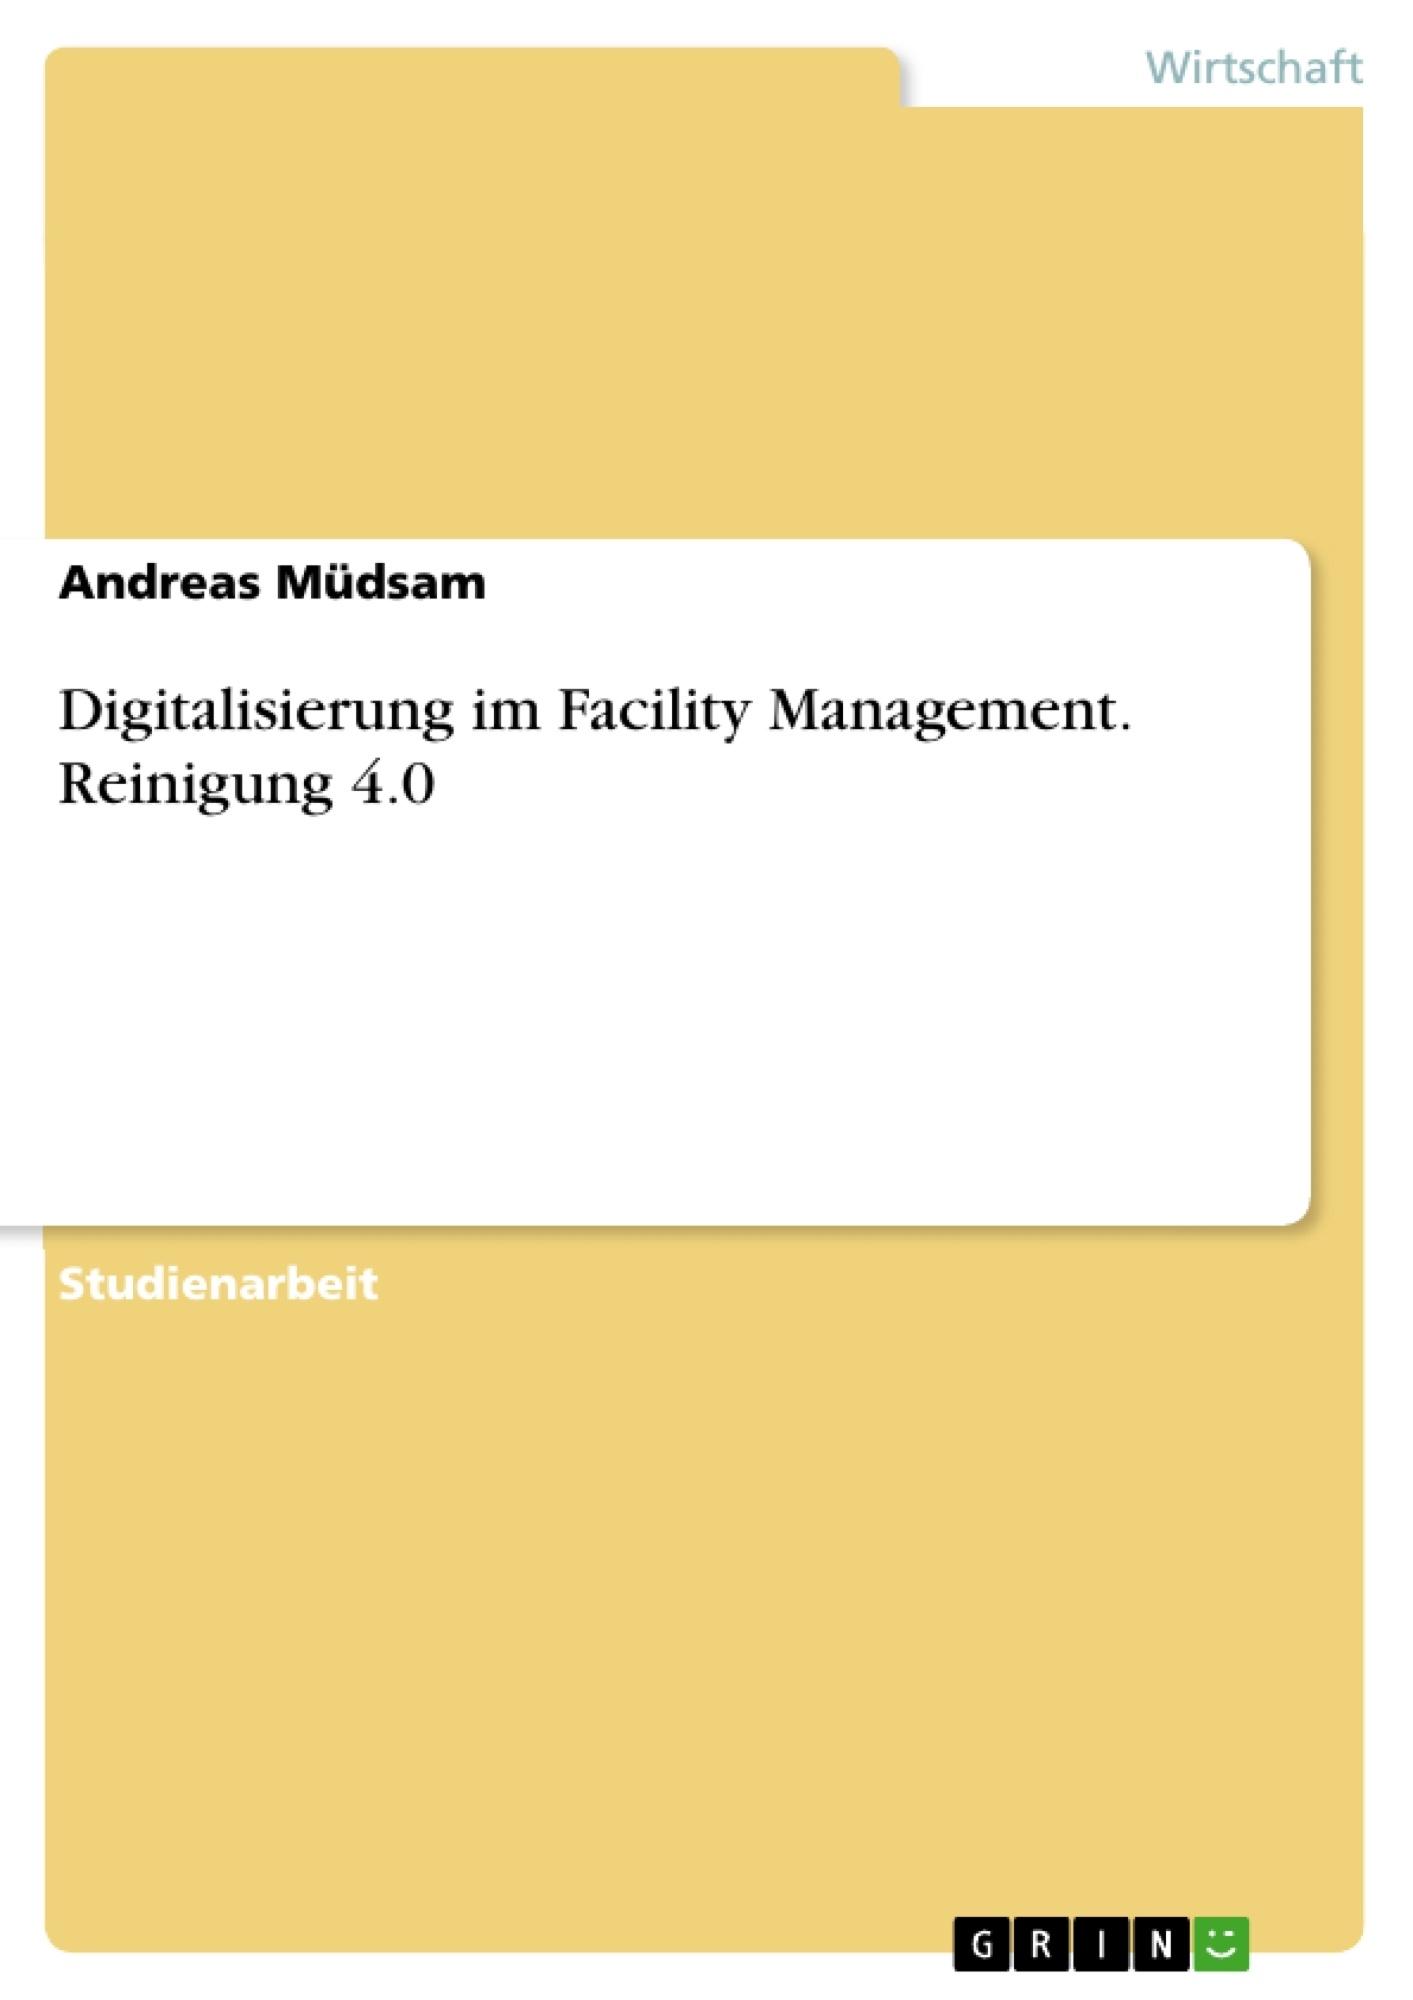 Titel: Digitalisierung im Facility Management. Reinigung 4.0